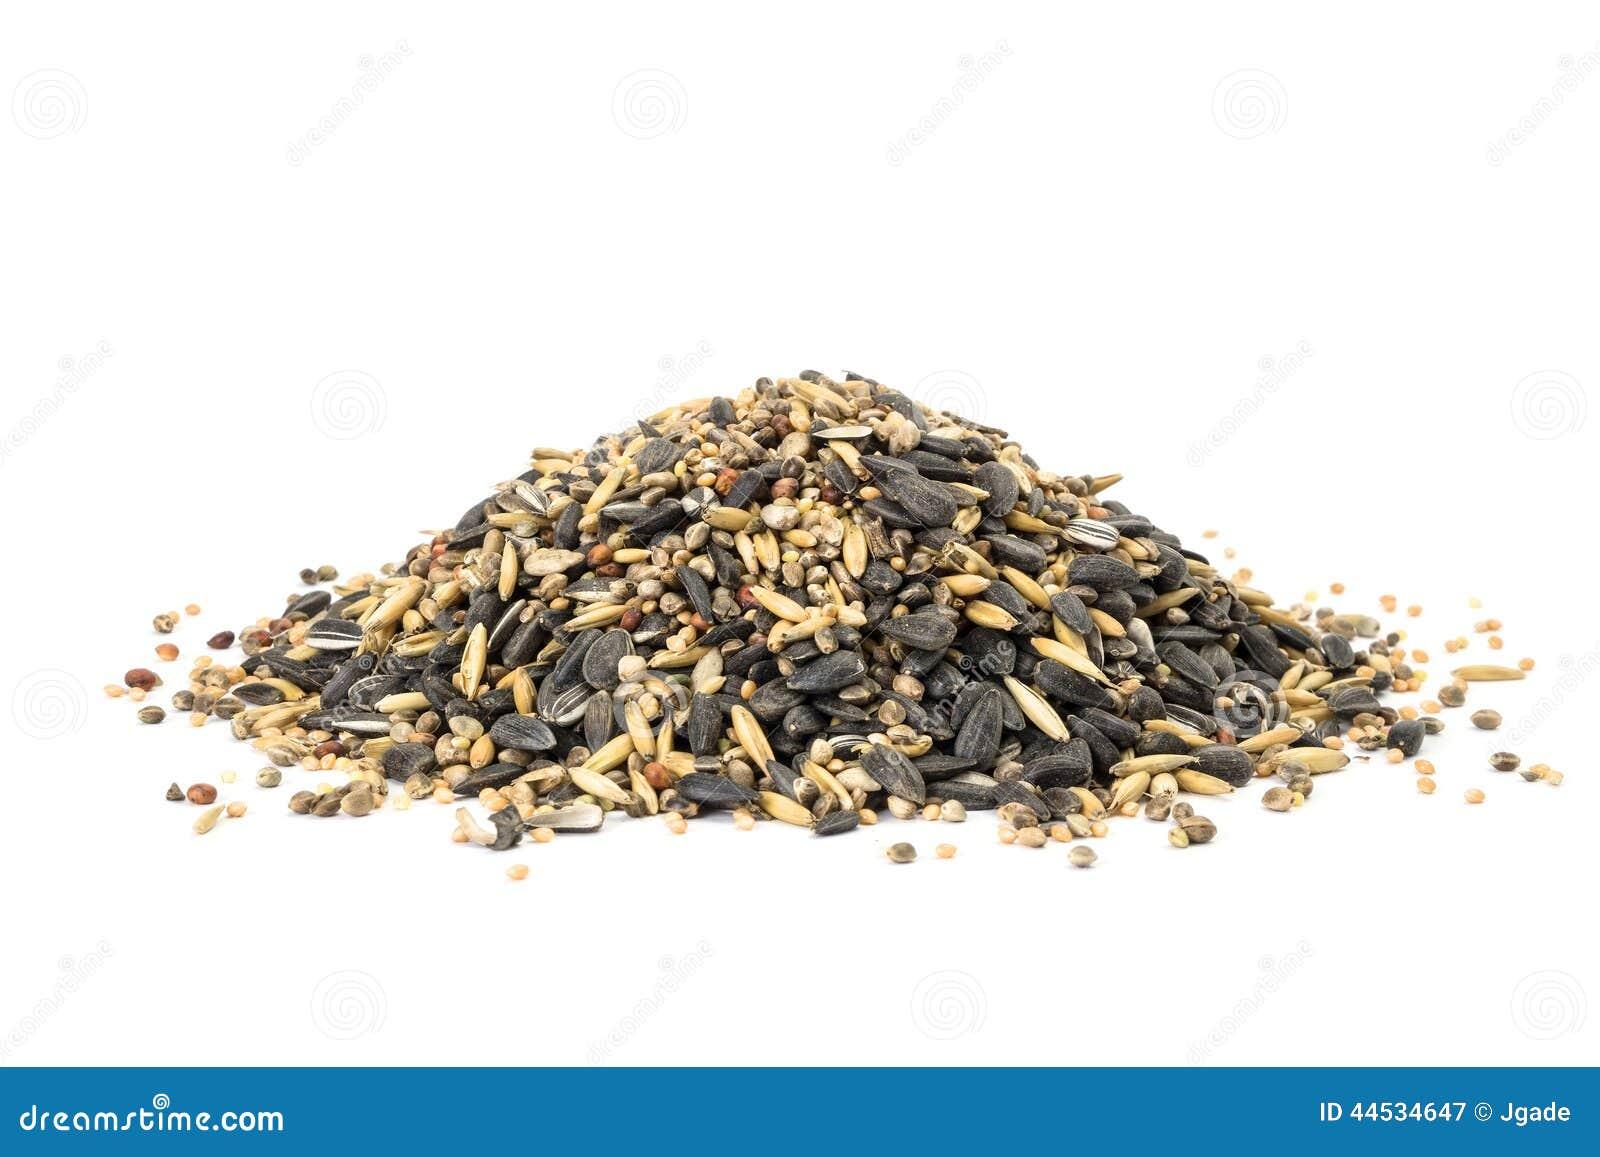 vogelfutter stockbild bild von braun hanf gemischt 44534647. Black Bedroom Furniture Sets. Home Design Ideas